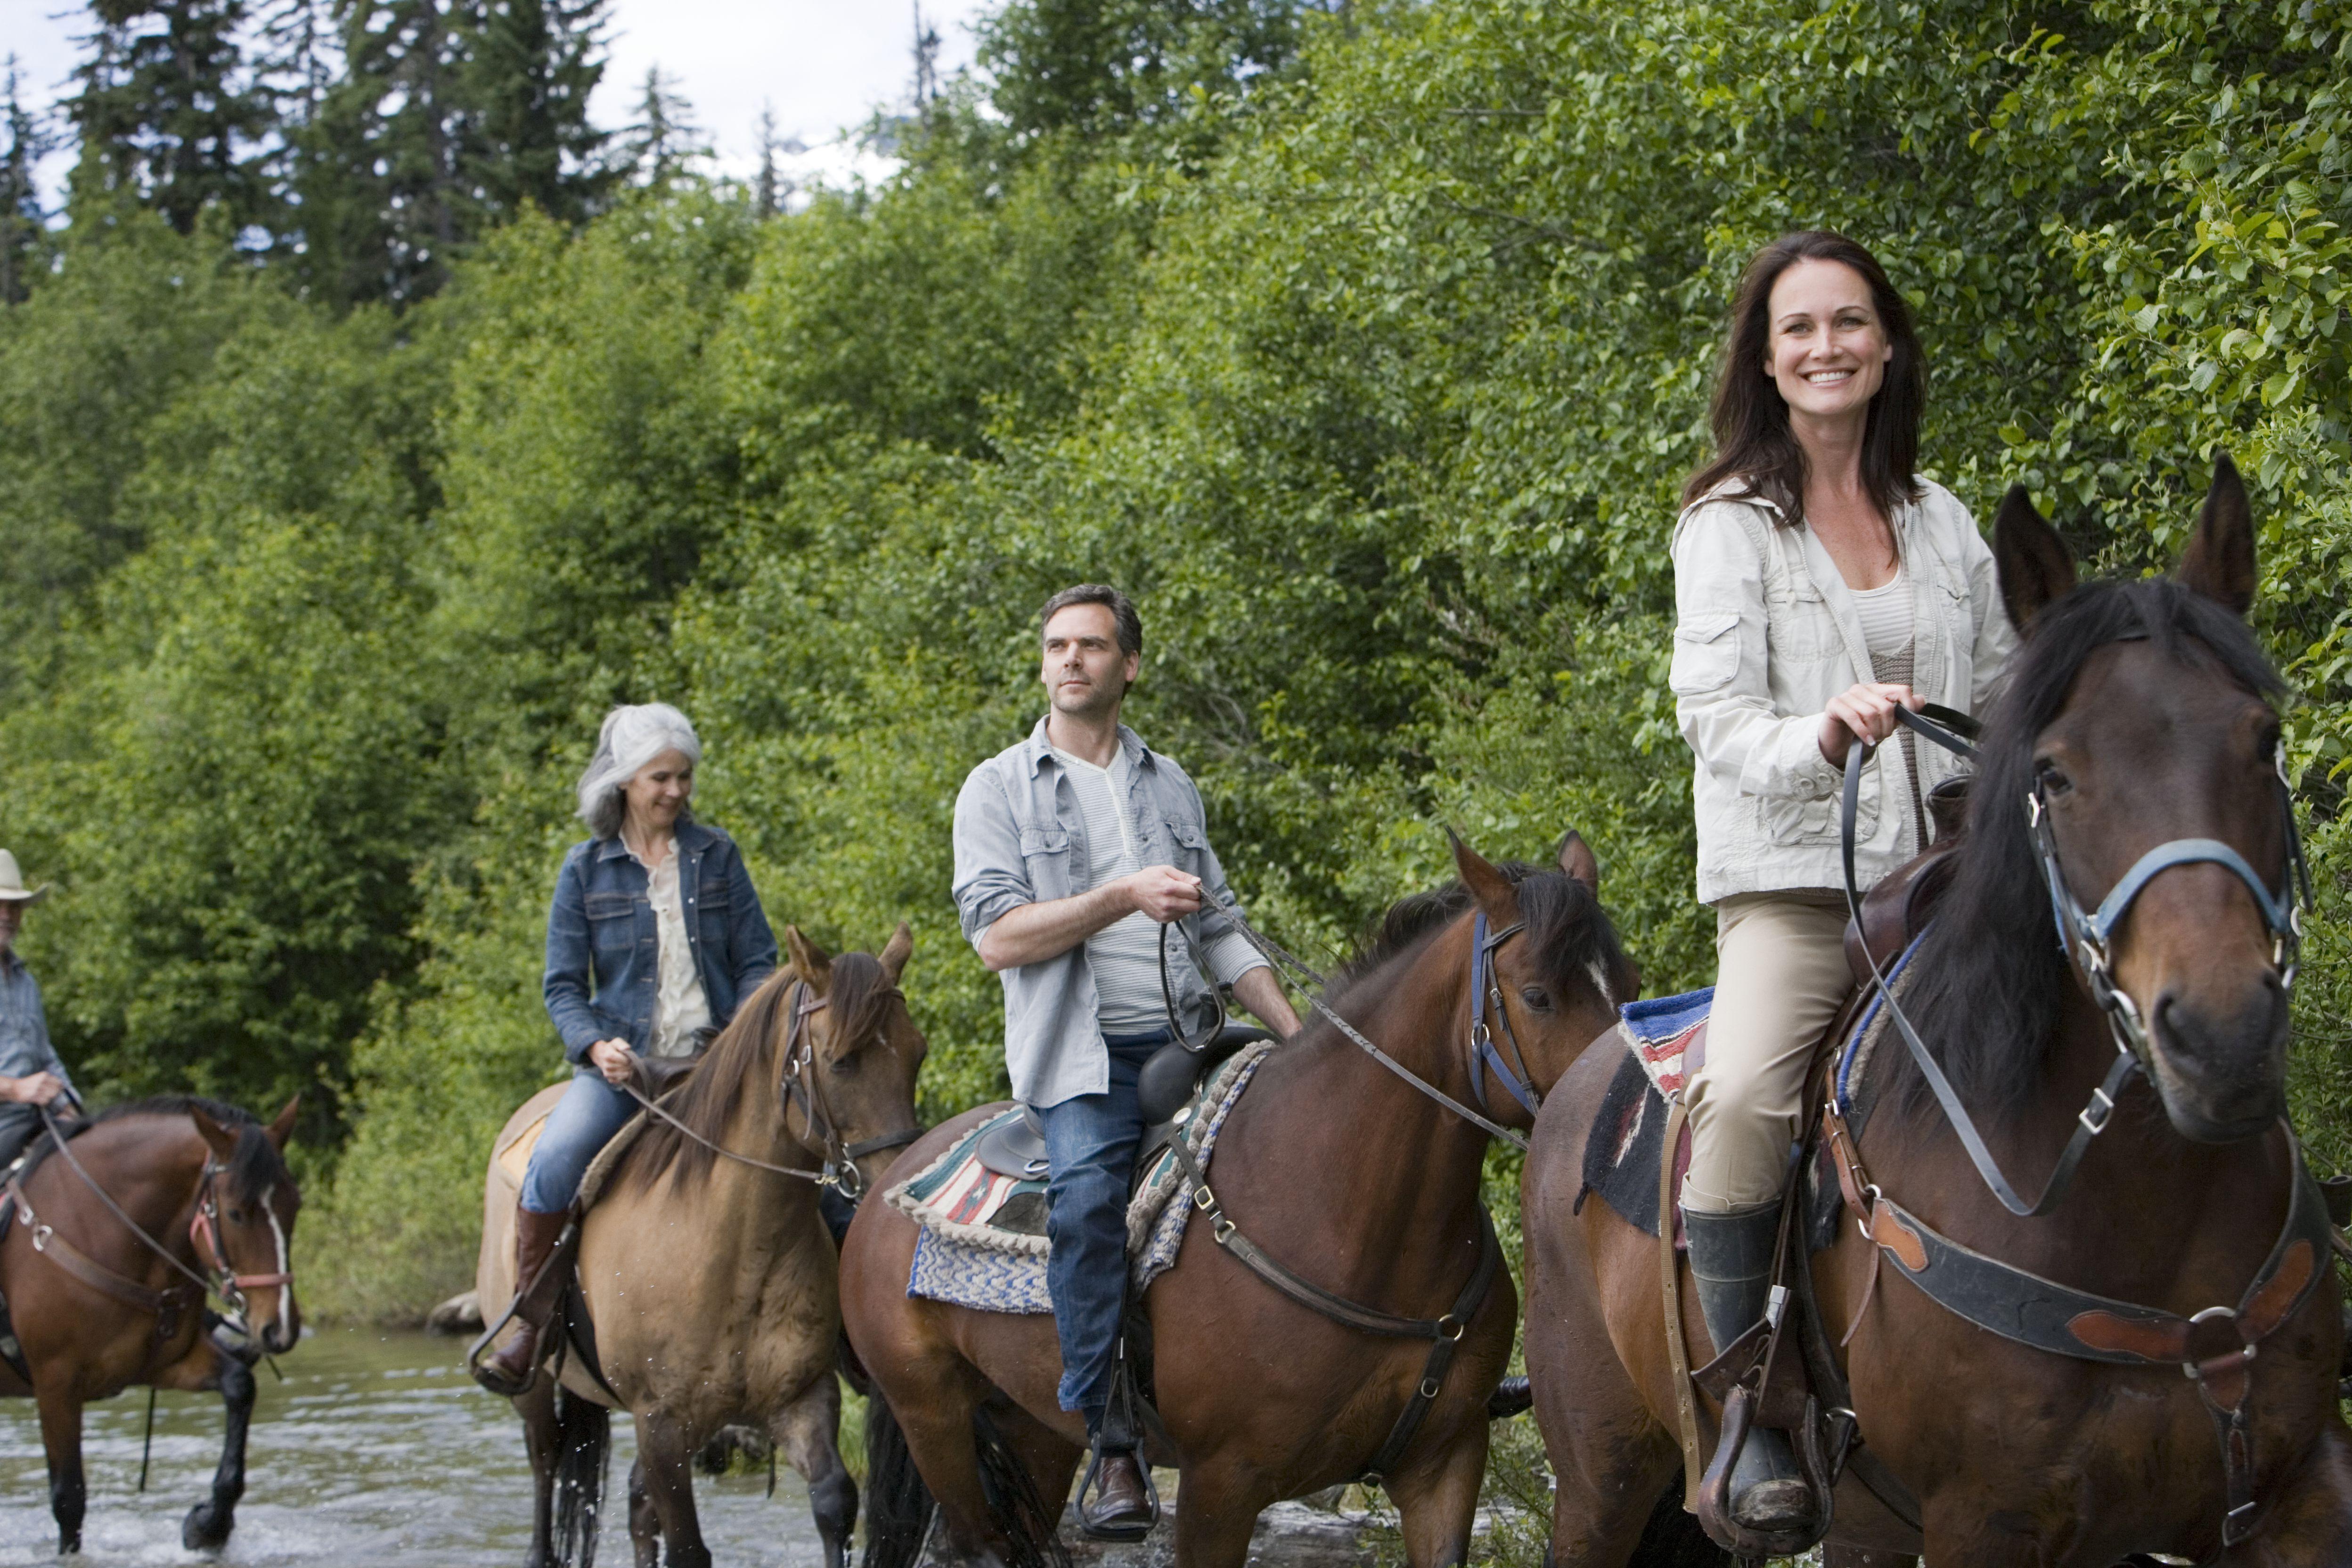 Grupo de cuatro jinetes cruzando el río, mujer mirando a cámara